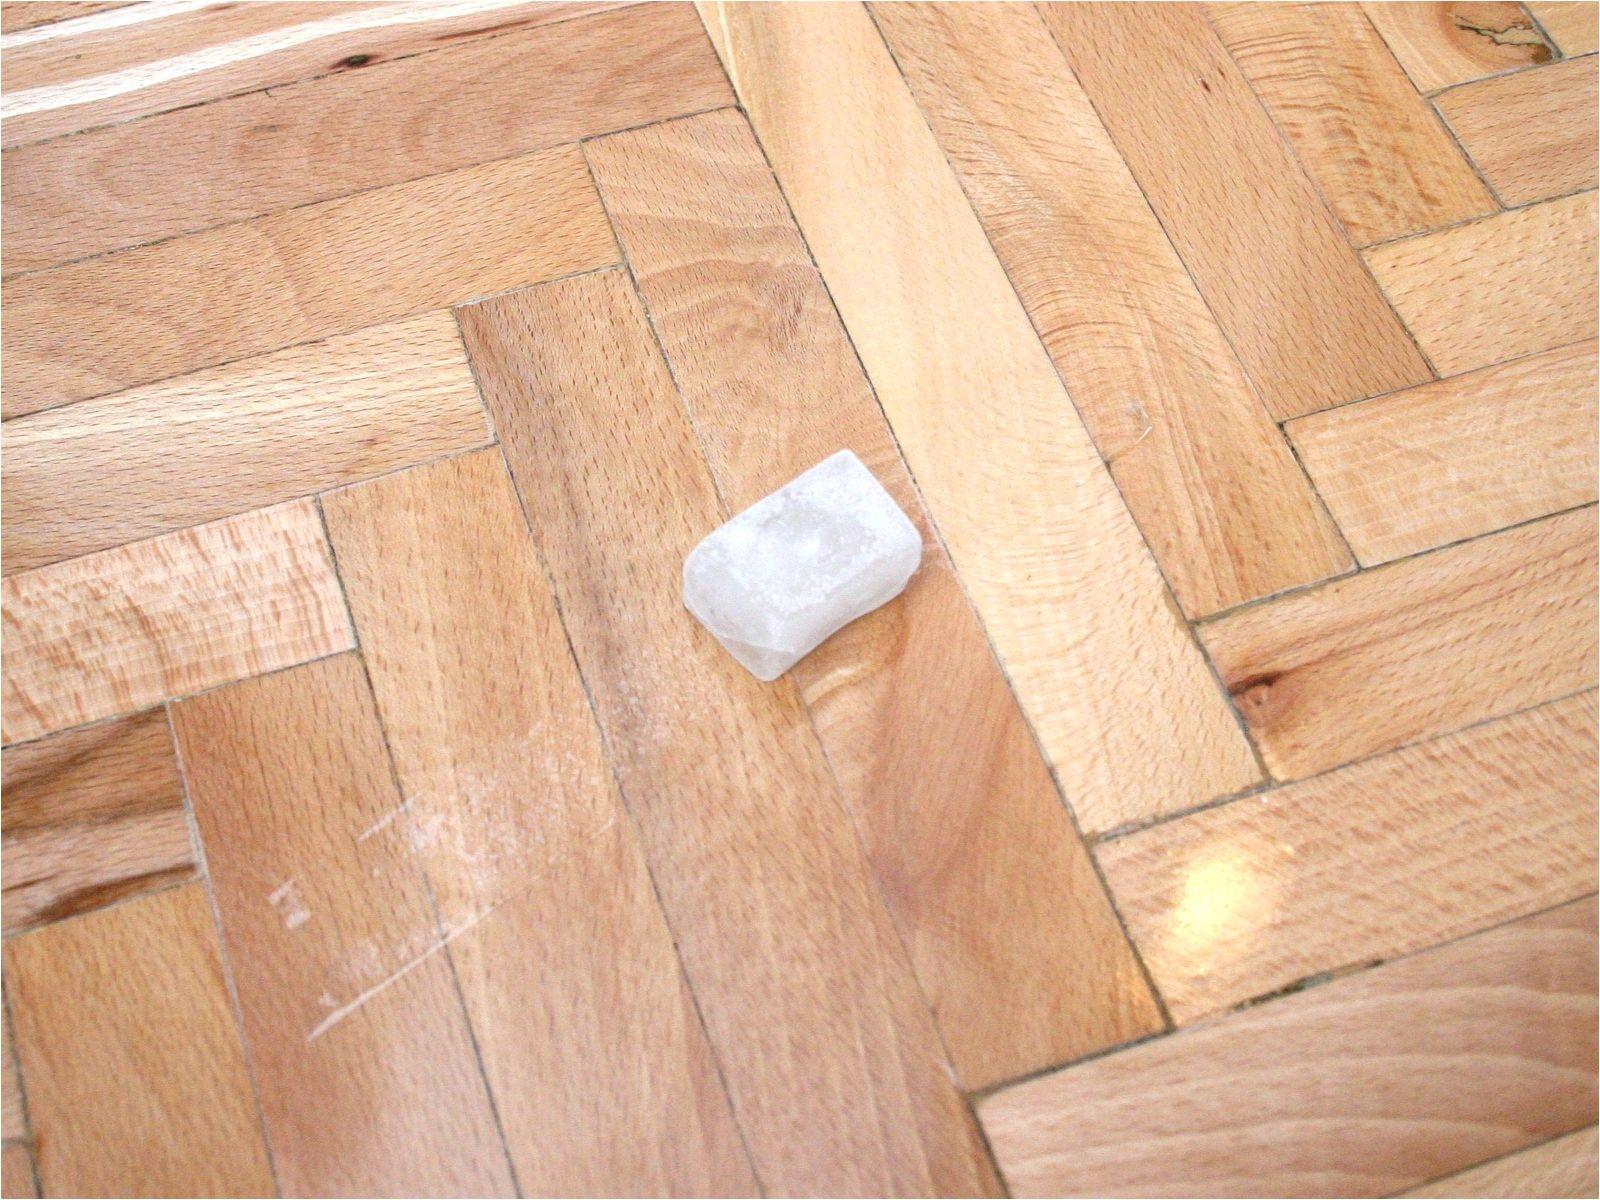 Natural Laminate Wood Floor Cleaner Flooring Best Mop For Floors Keep On